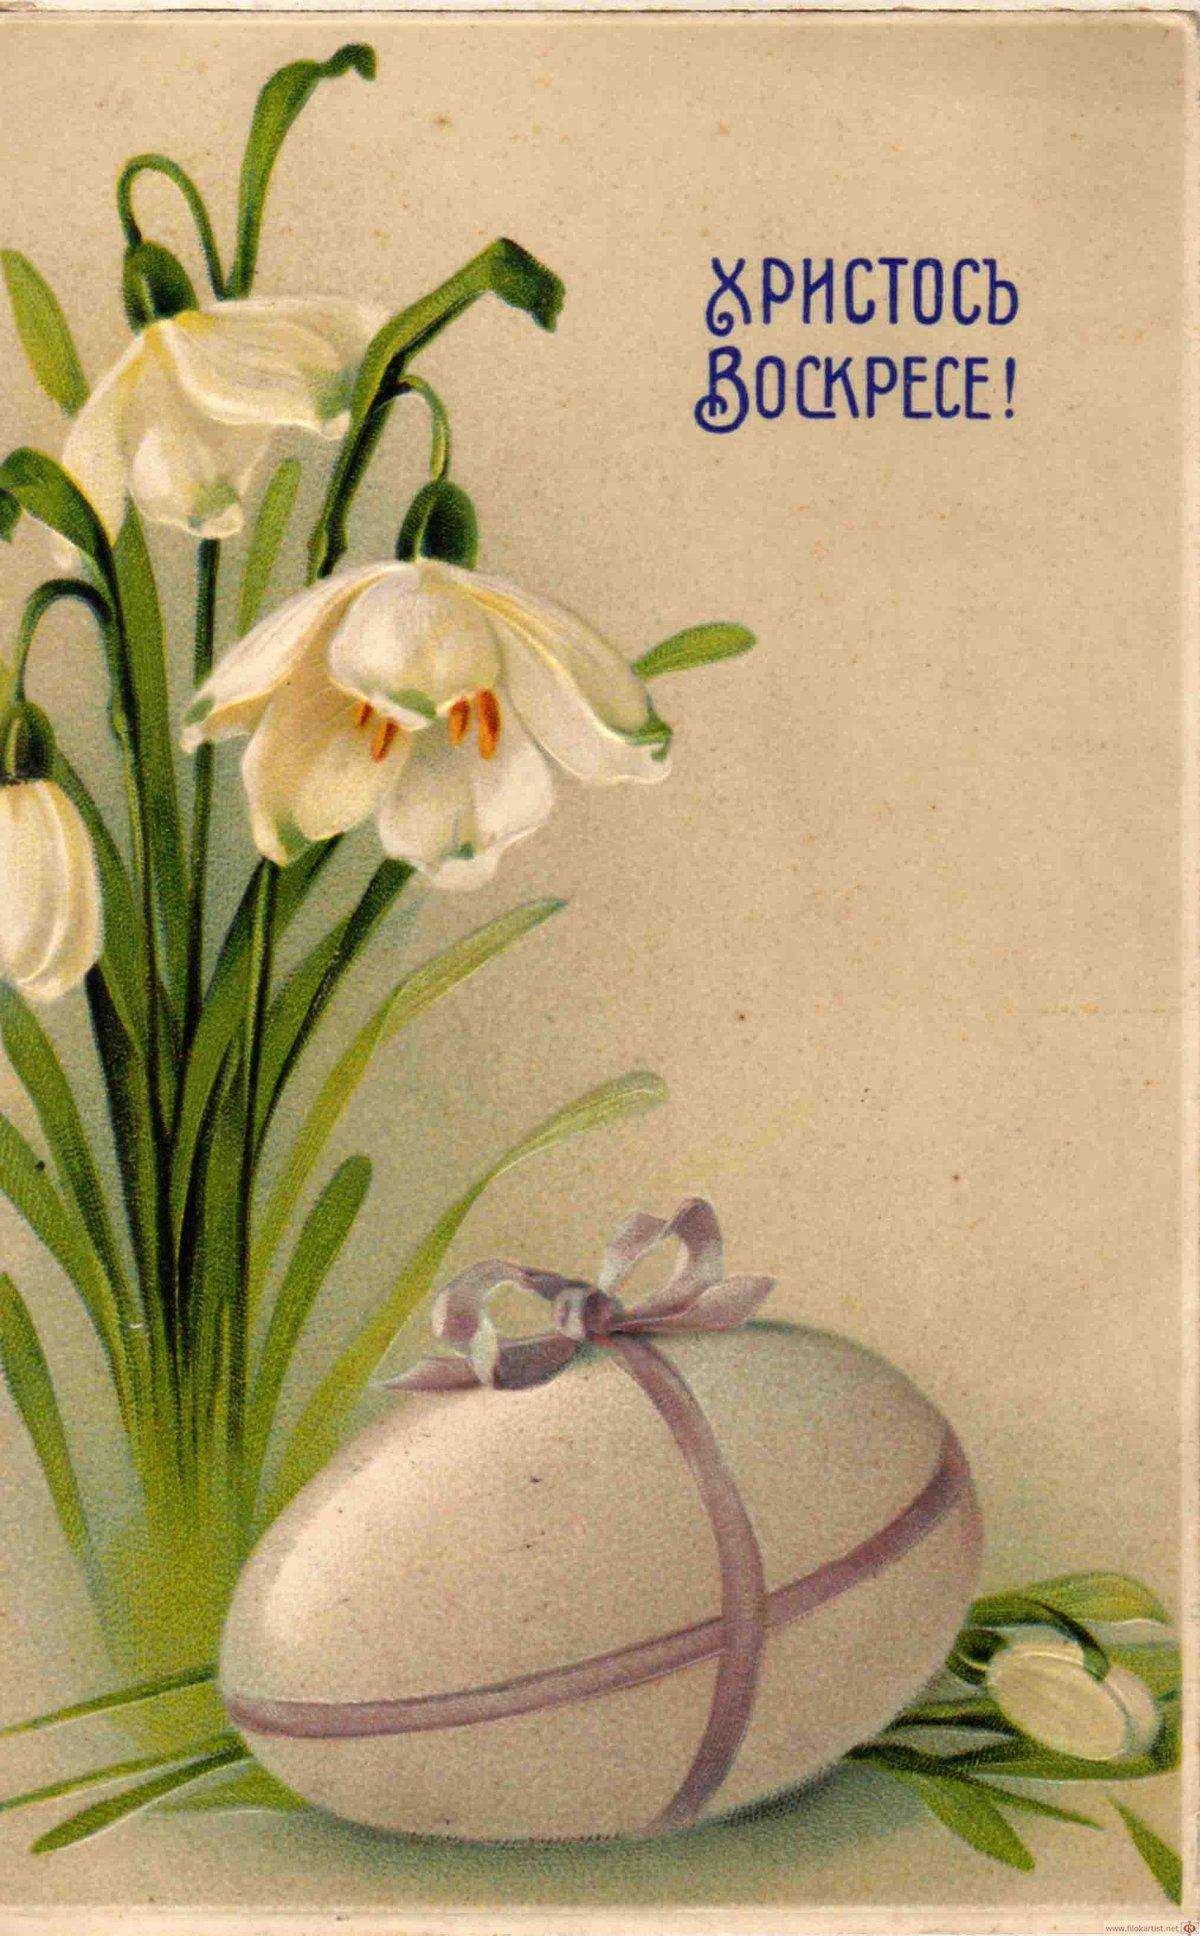 Первая поздравительная открытка в россии к пасхе, юбилей лет